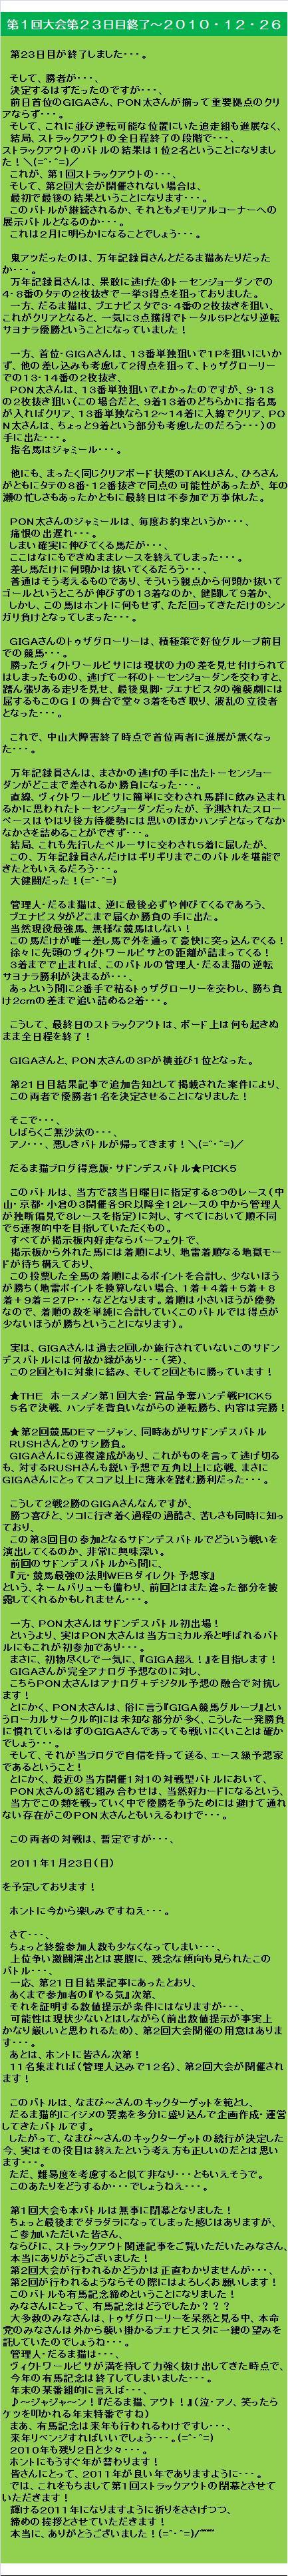 20101229・ストラックアウト結果②修正A.jpg